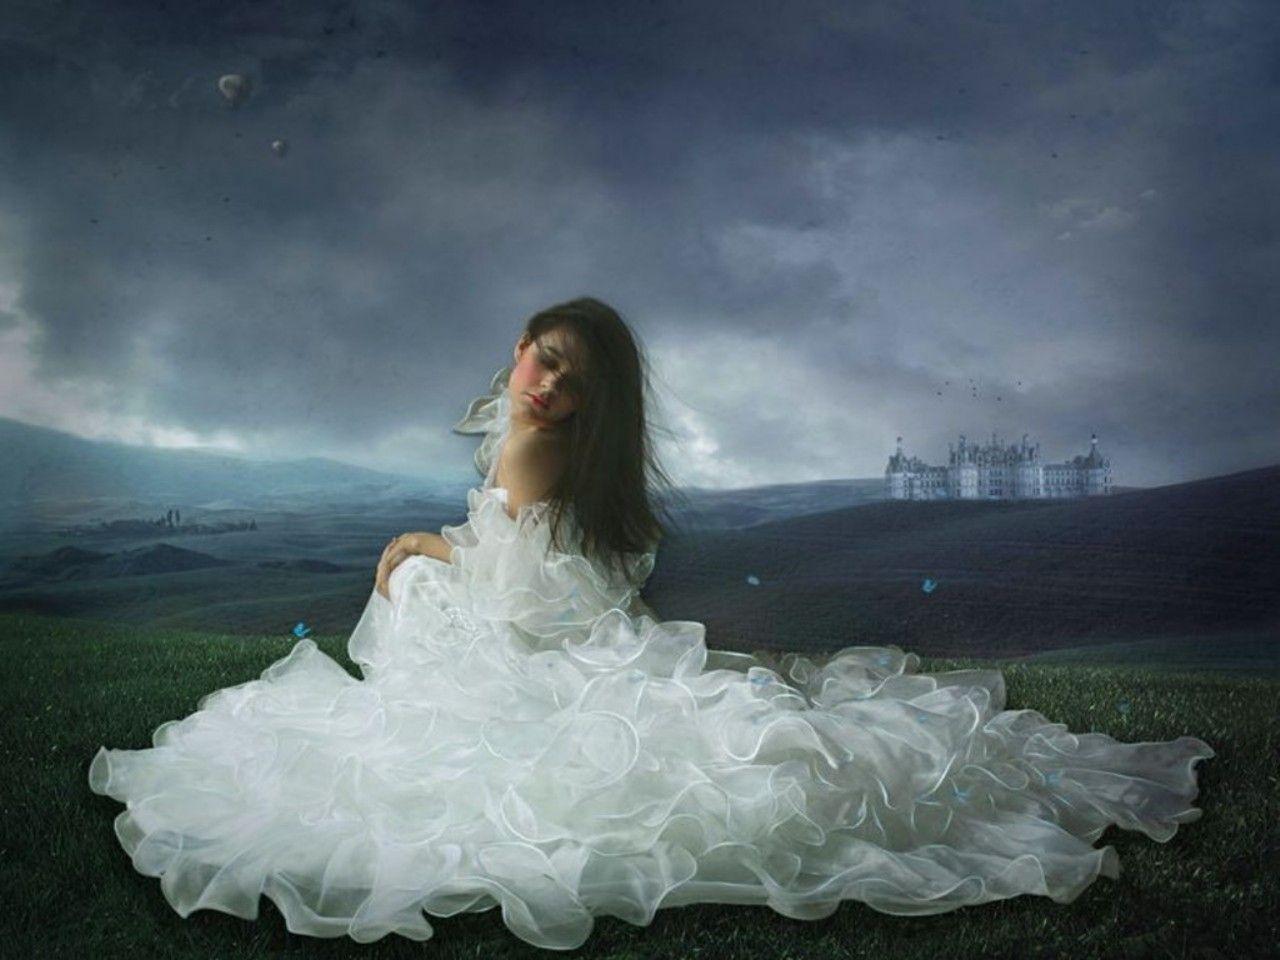 Schöne fantasy frauen bilder